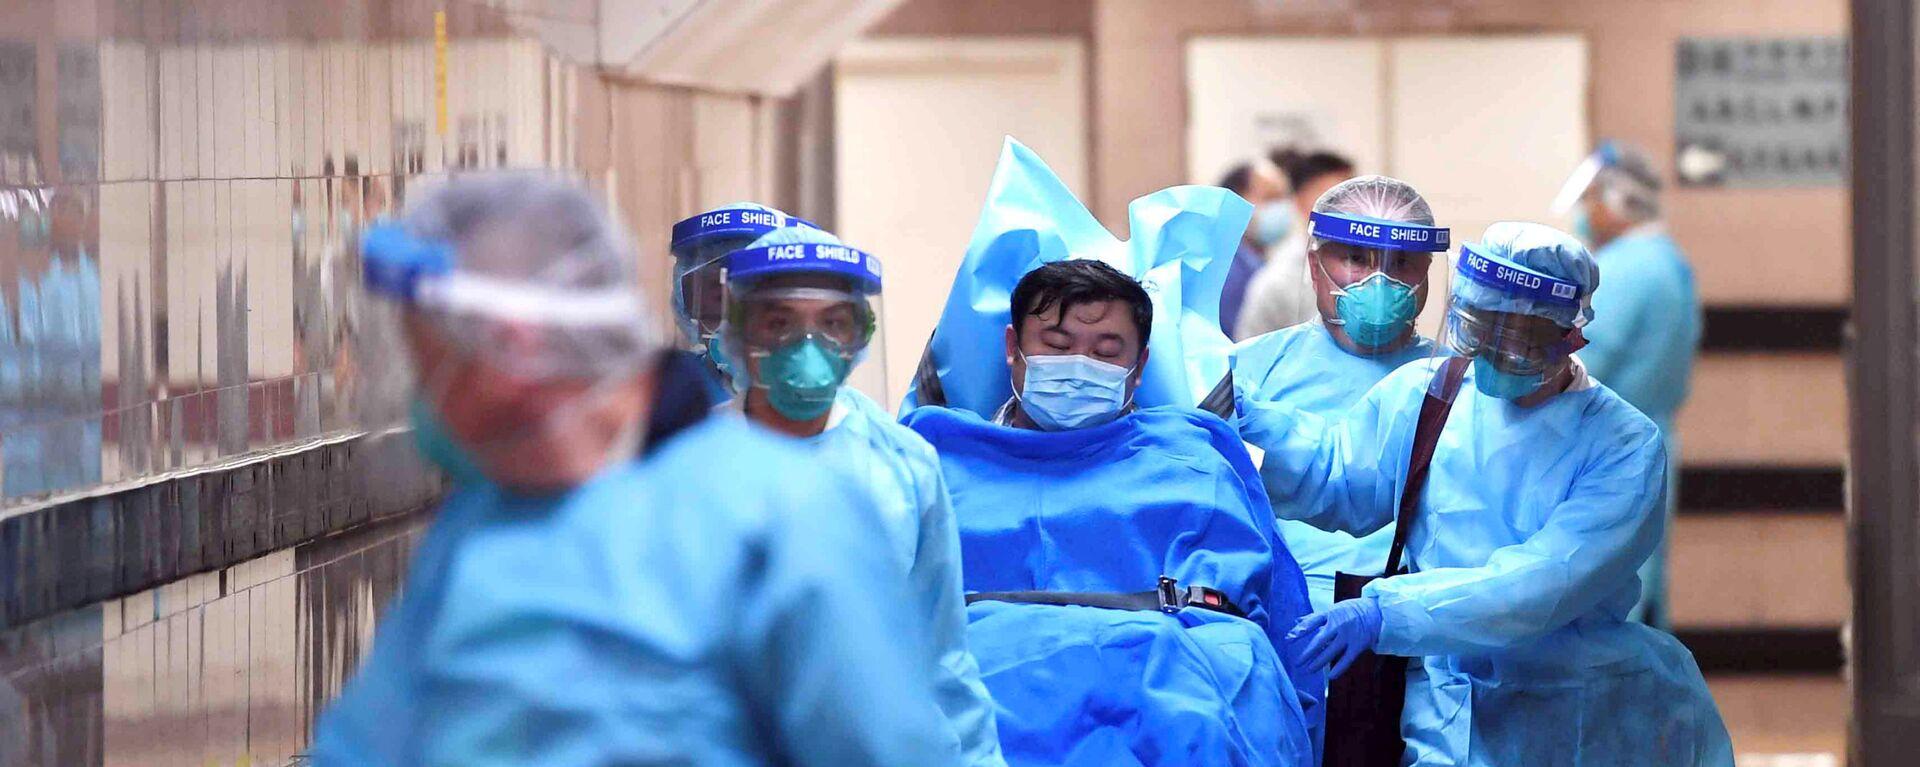 Медицинский персонал переводит пациента с подозрением на новый коронавирус, в Гонконге - Sputnik Таджикистан, 1920, 21.06.2020